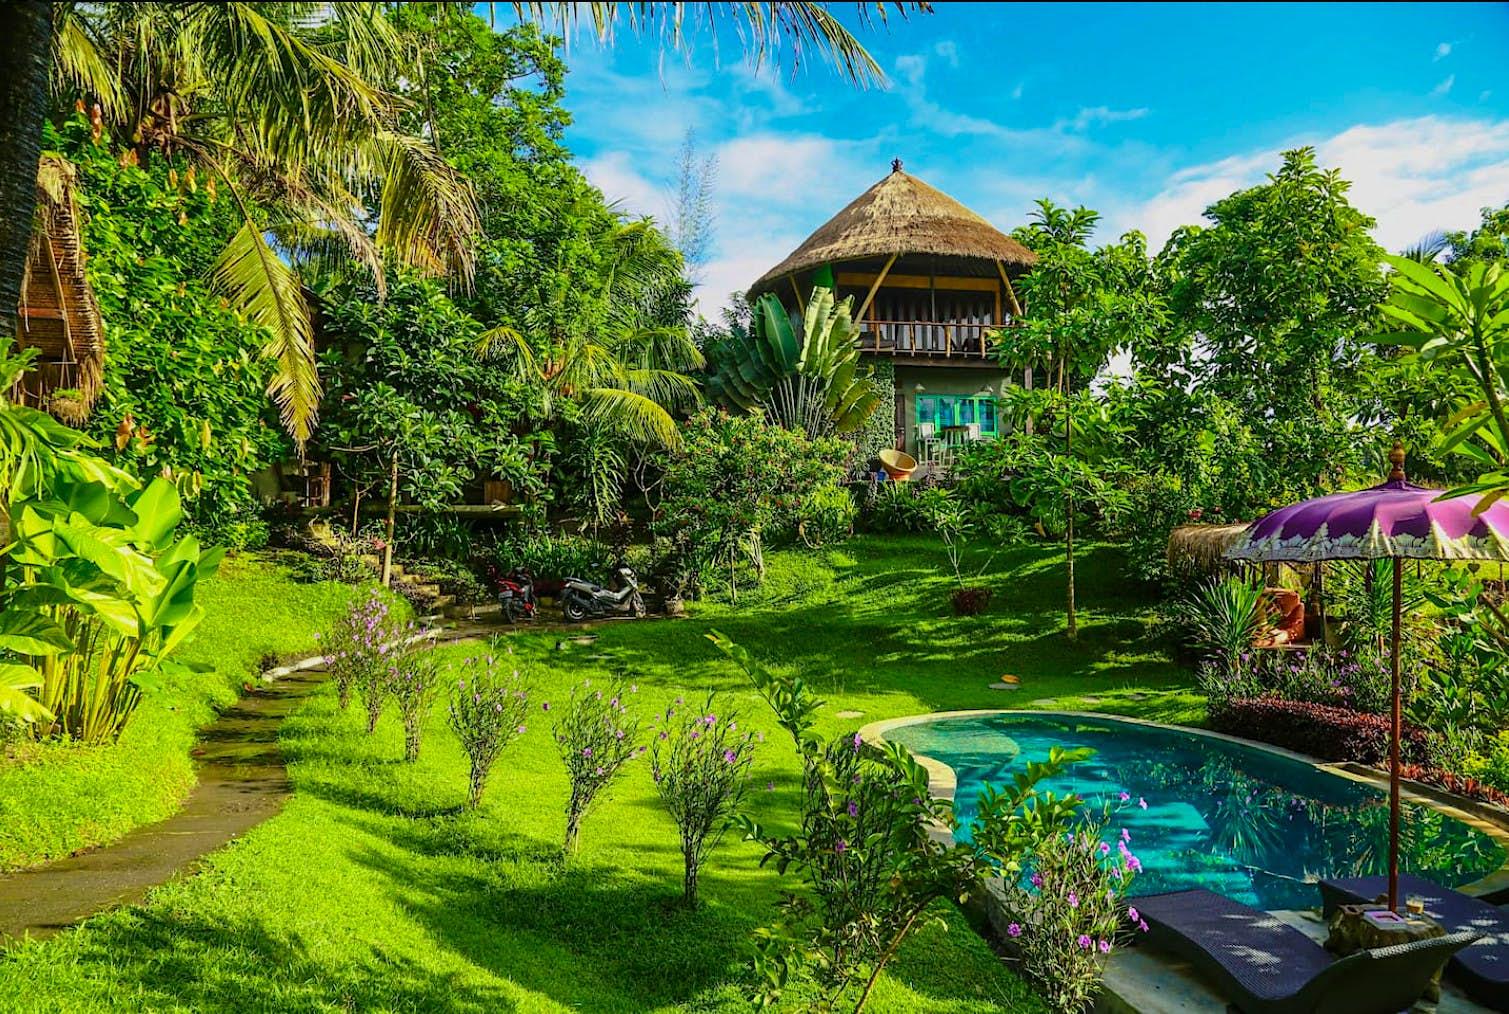 Uma foto da casa da árvore em Bali entre a selva